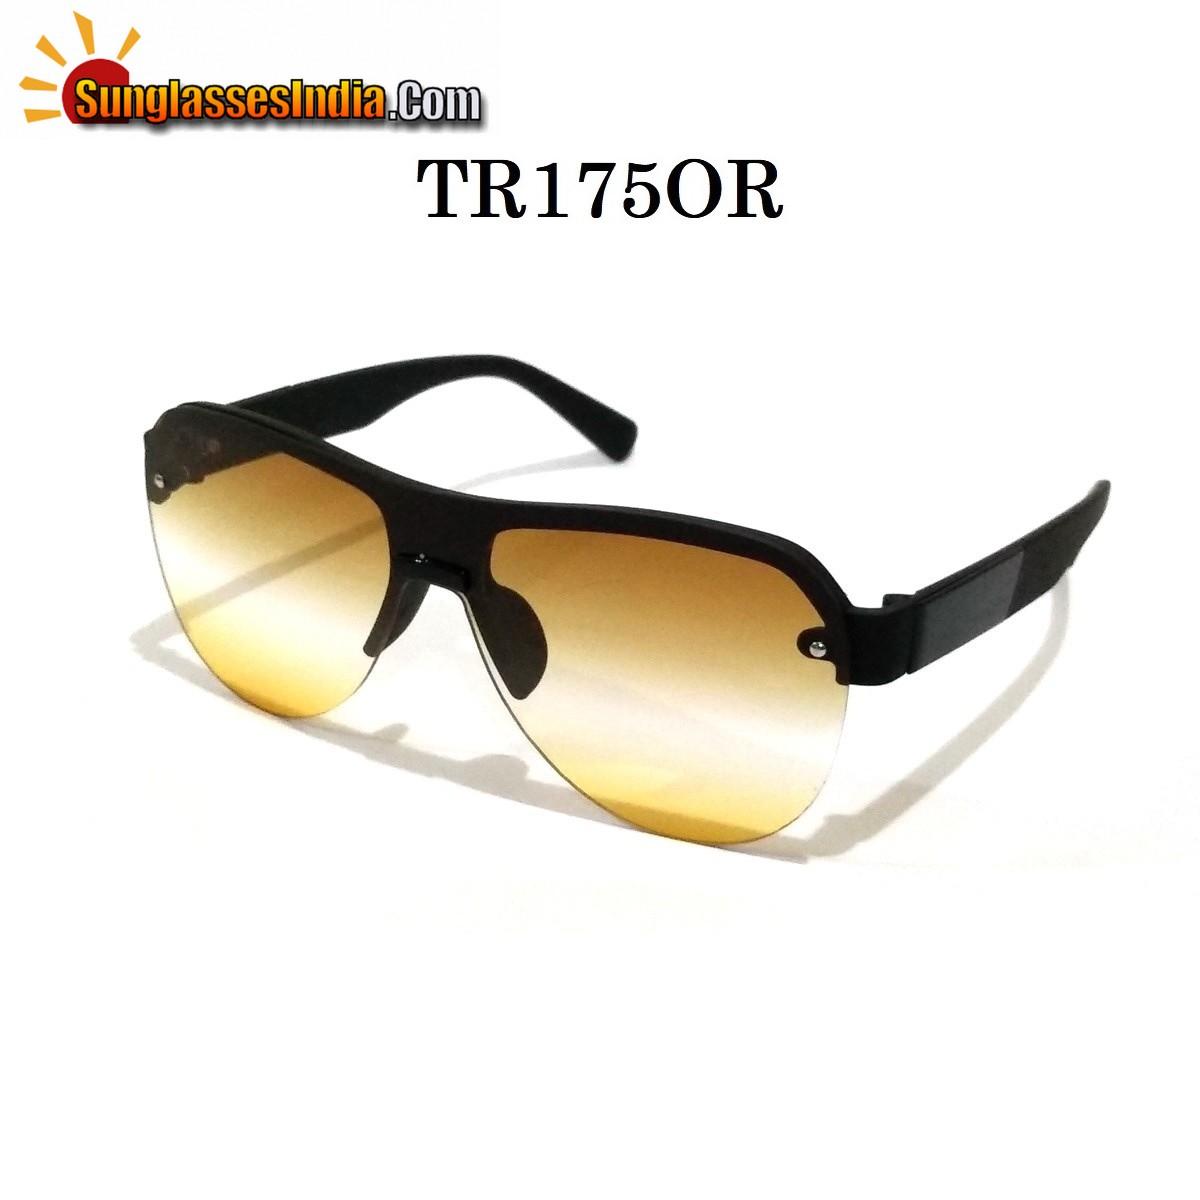 Orange Gradient Aviators Sunglasses